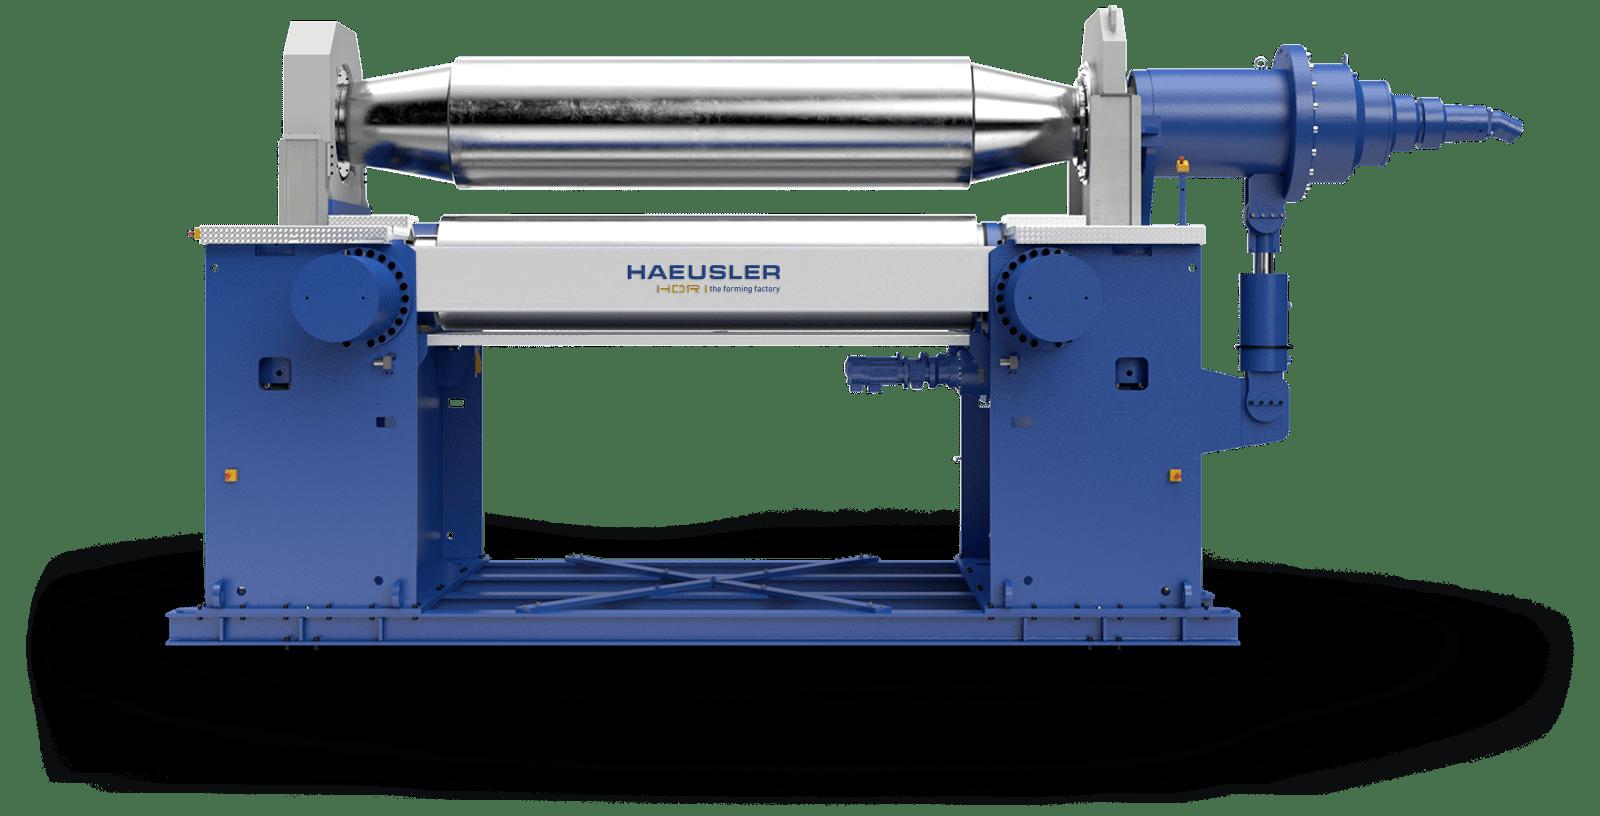 Walzenbiegemaschine HAEUSLER HDR - Frontansicht